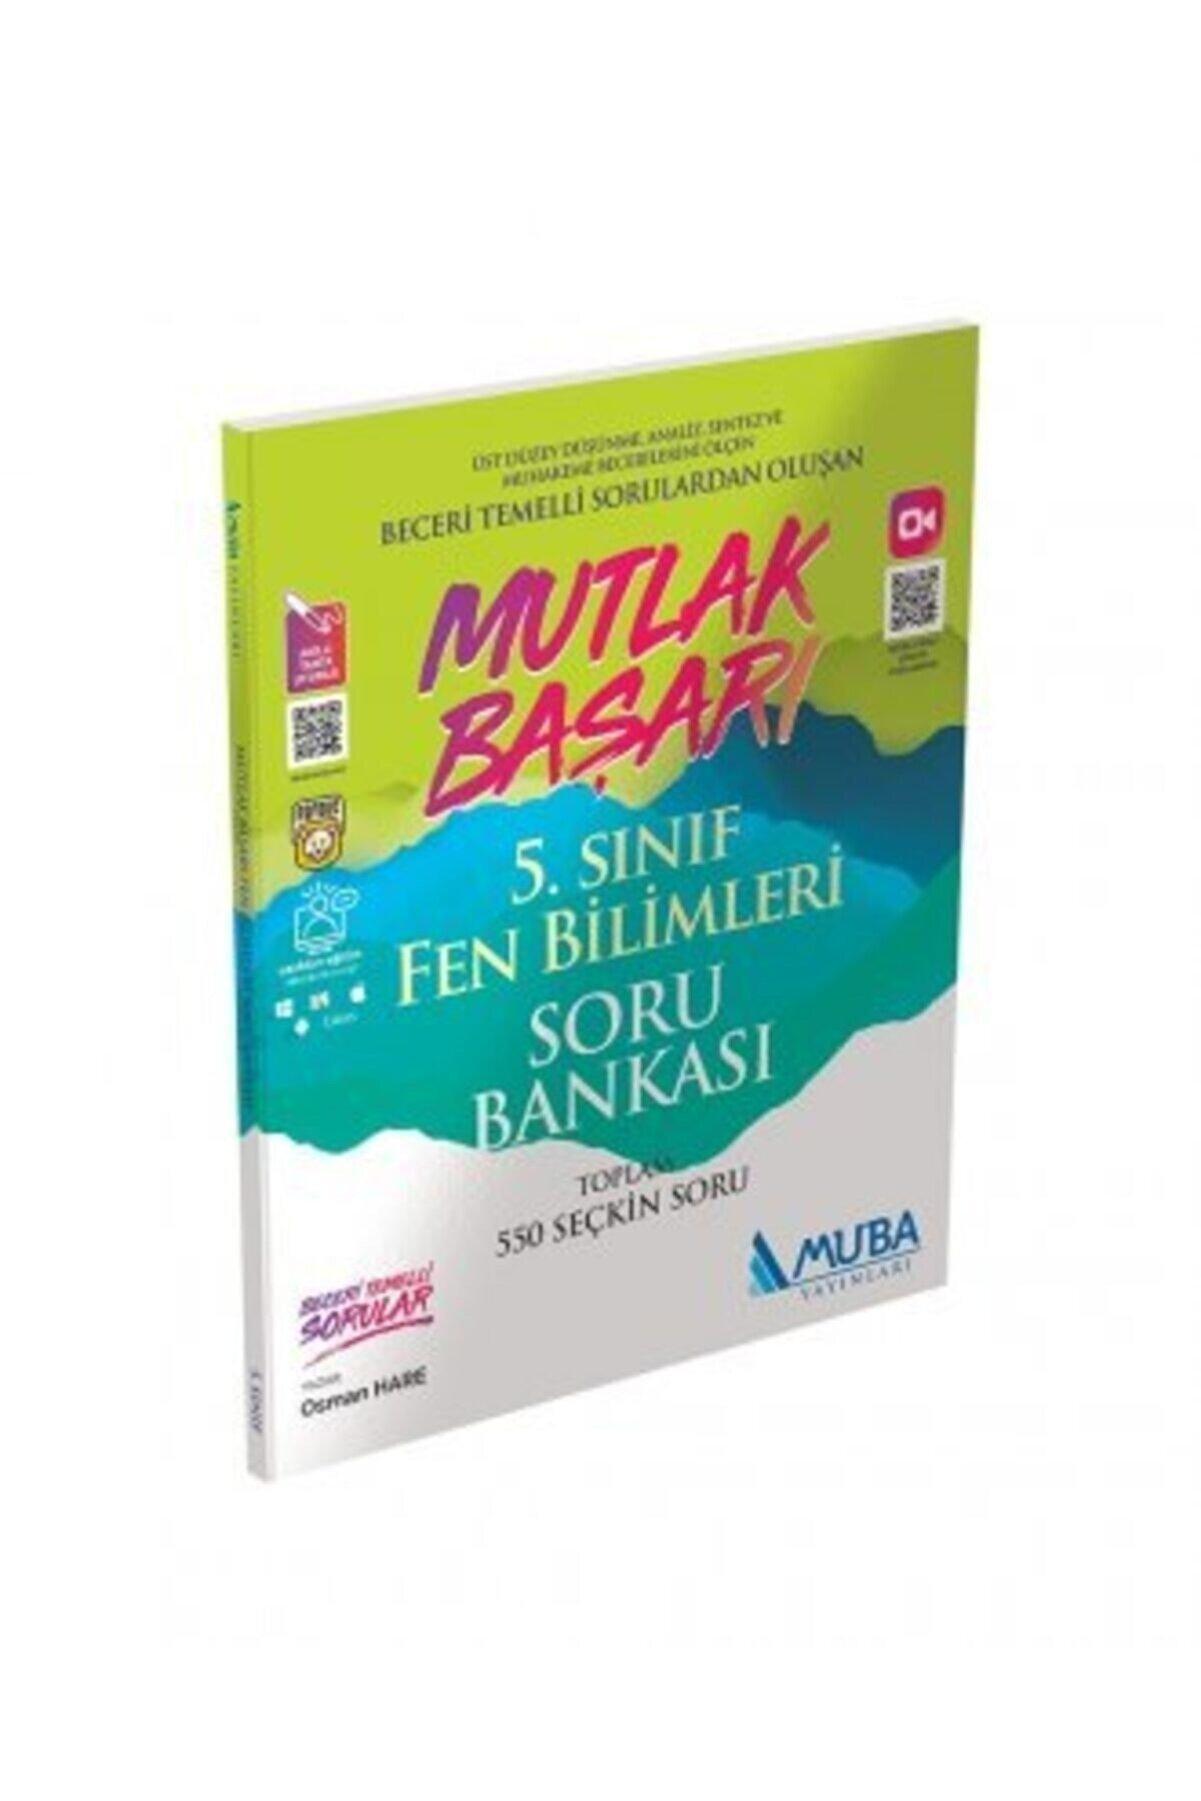 Muba Yayınları 5. Sınıf Mutlak Başarı Fen Bilimleri Soru Bankası